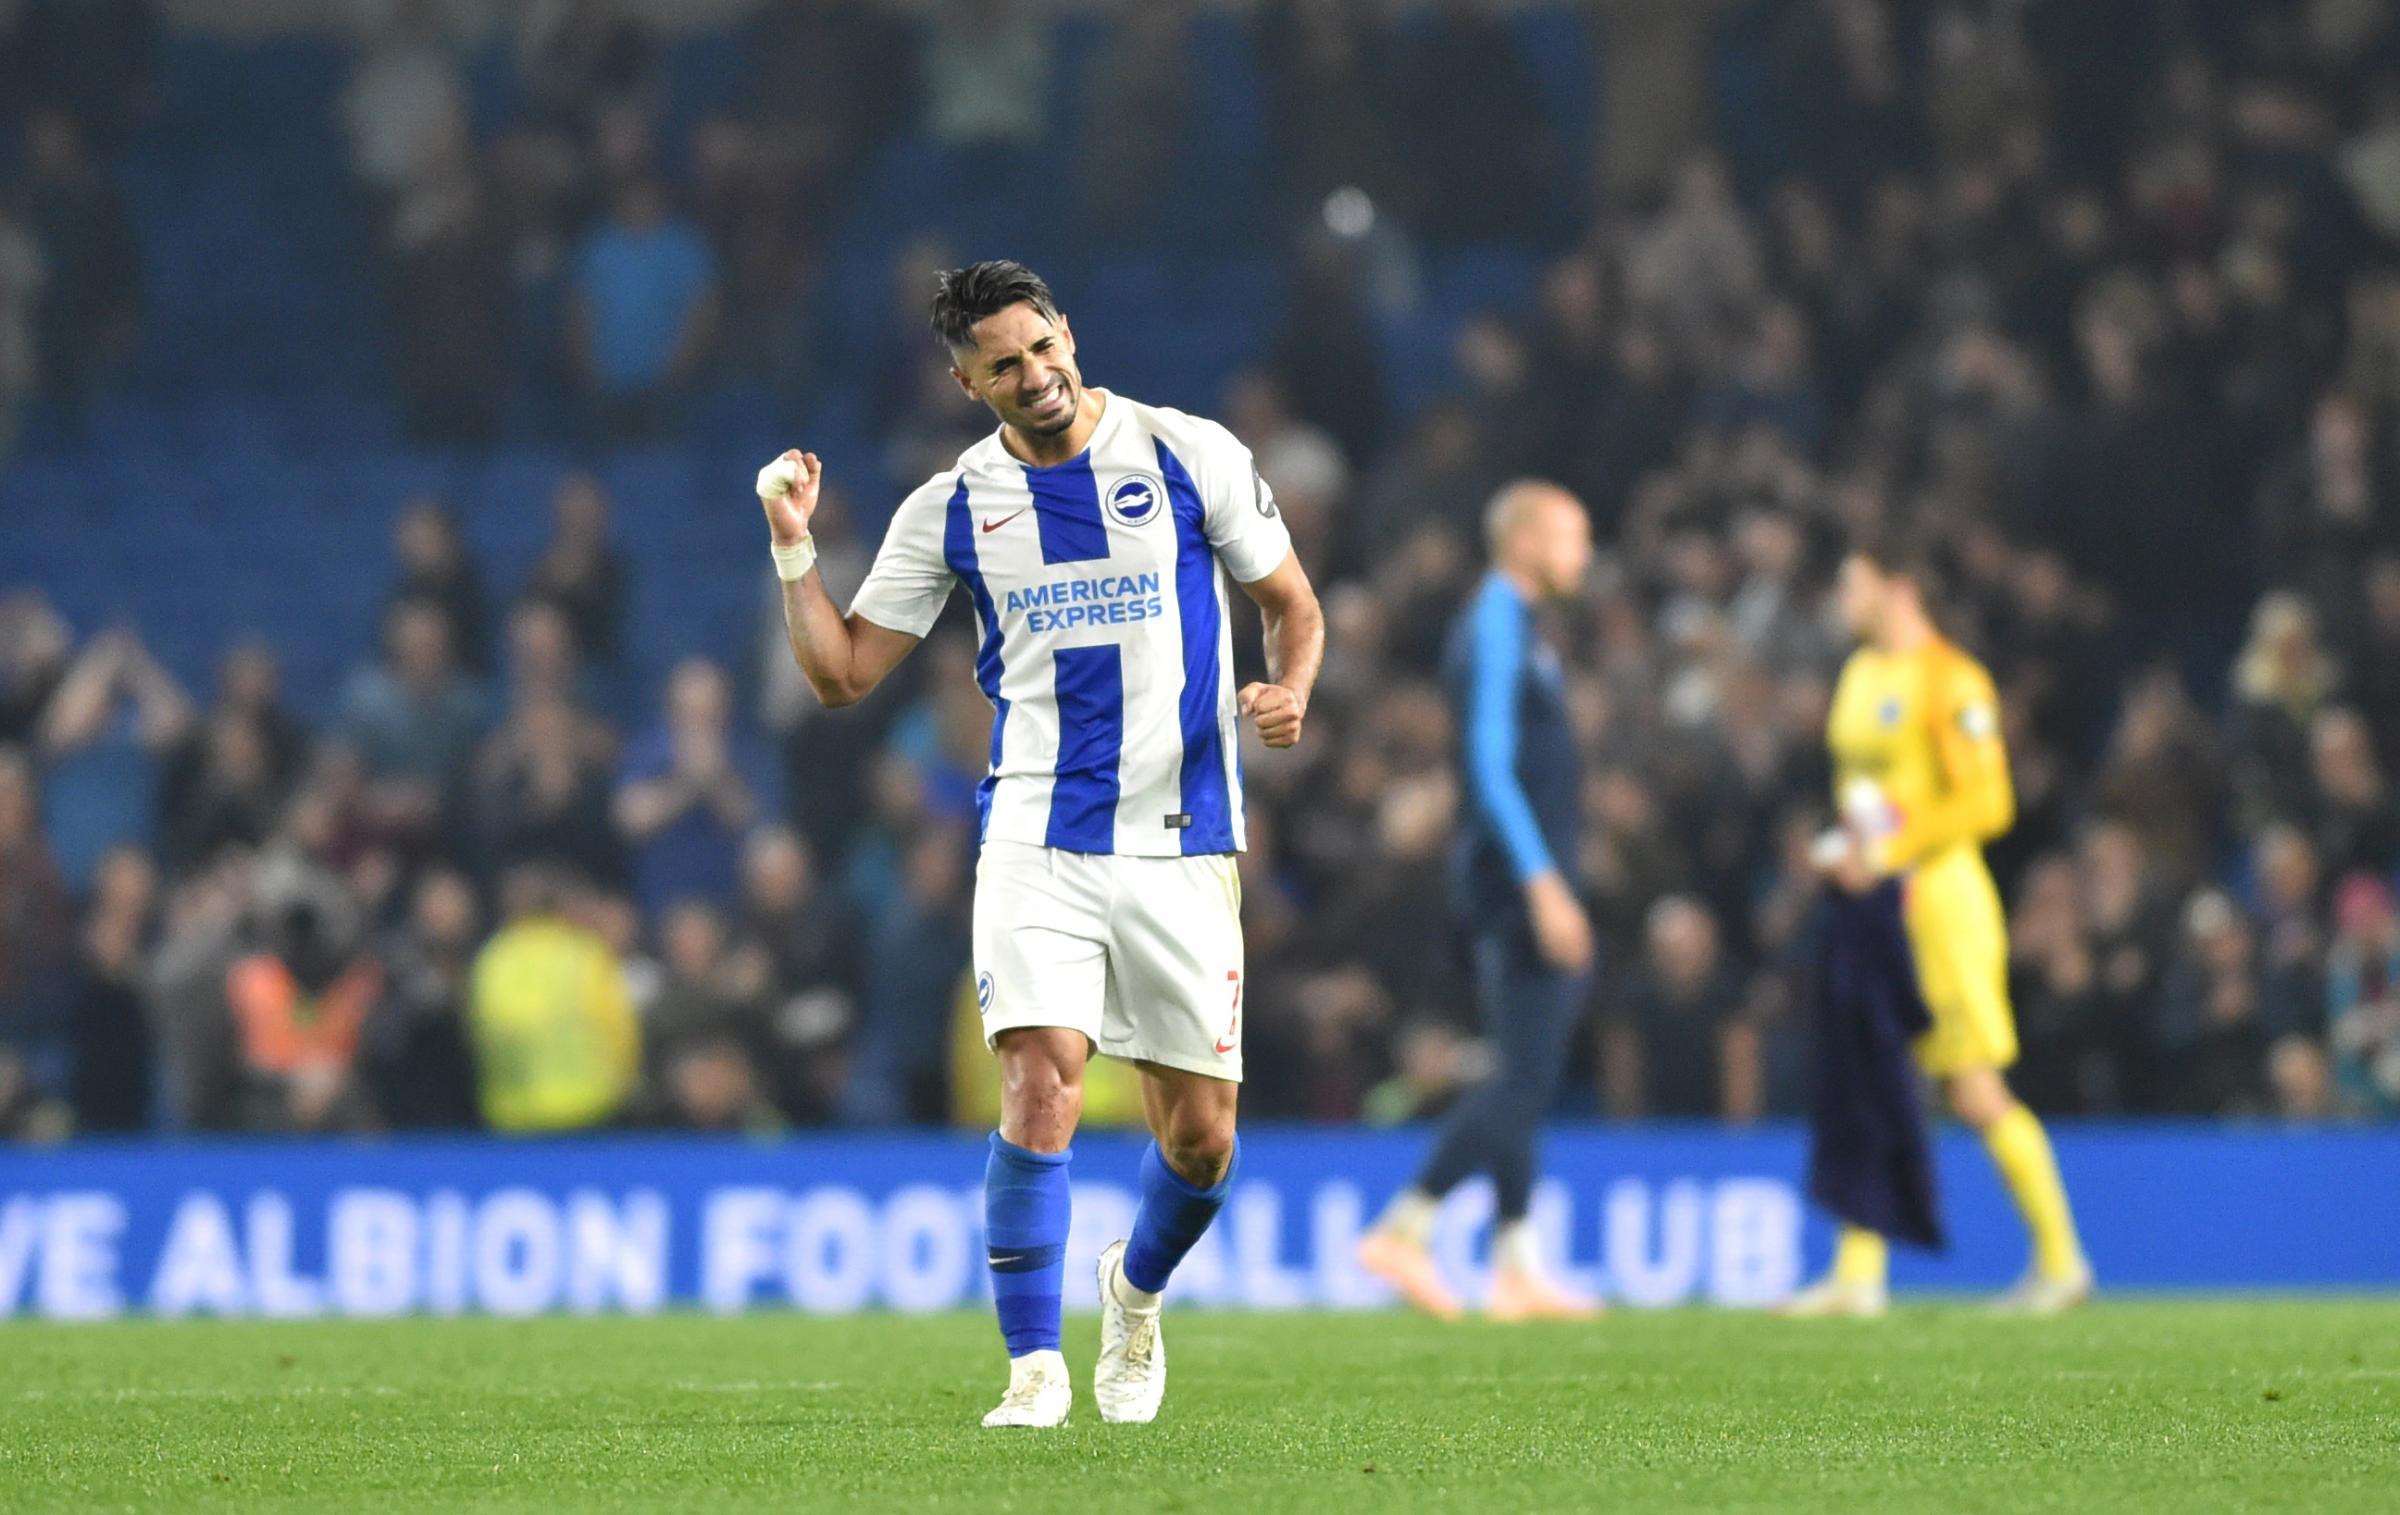 Beram Kayal set for shot at FA Cup glory